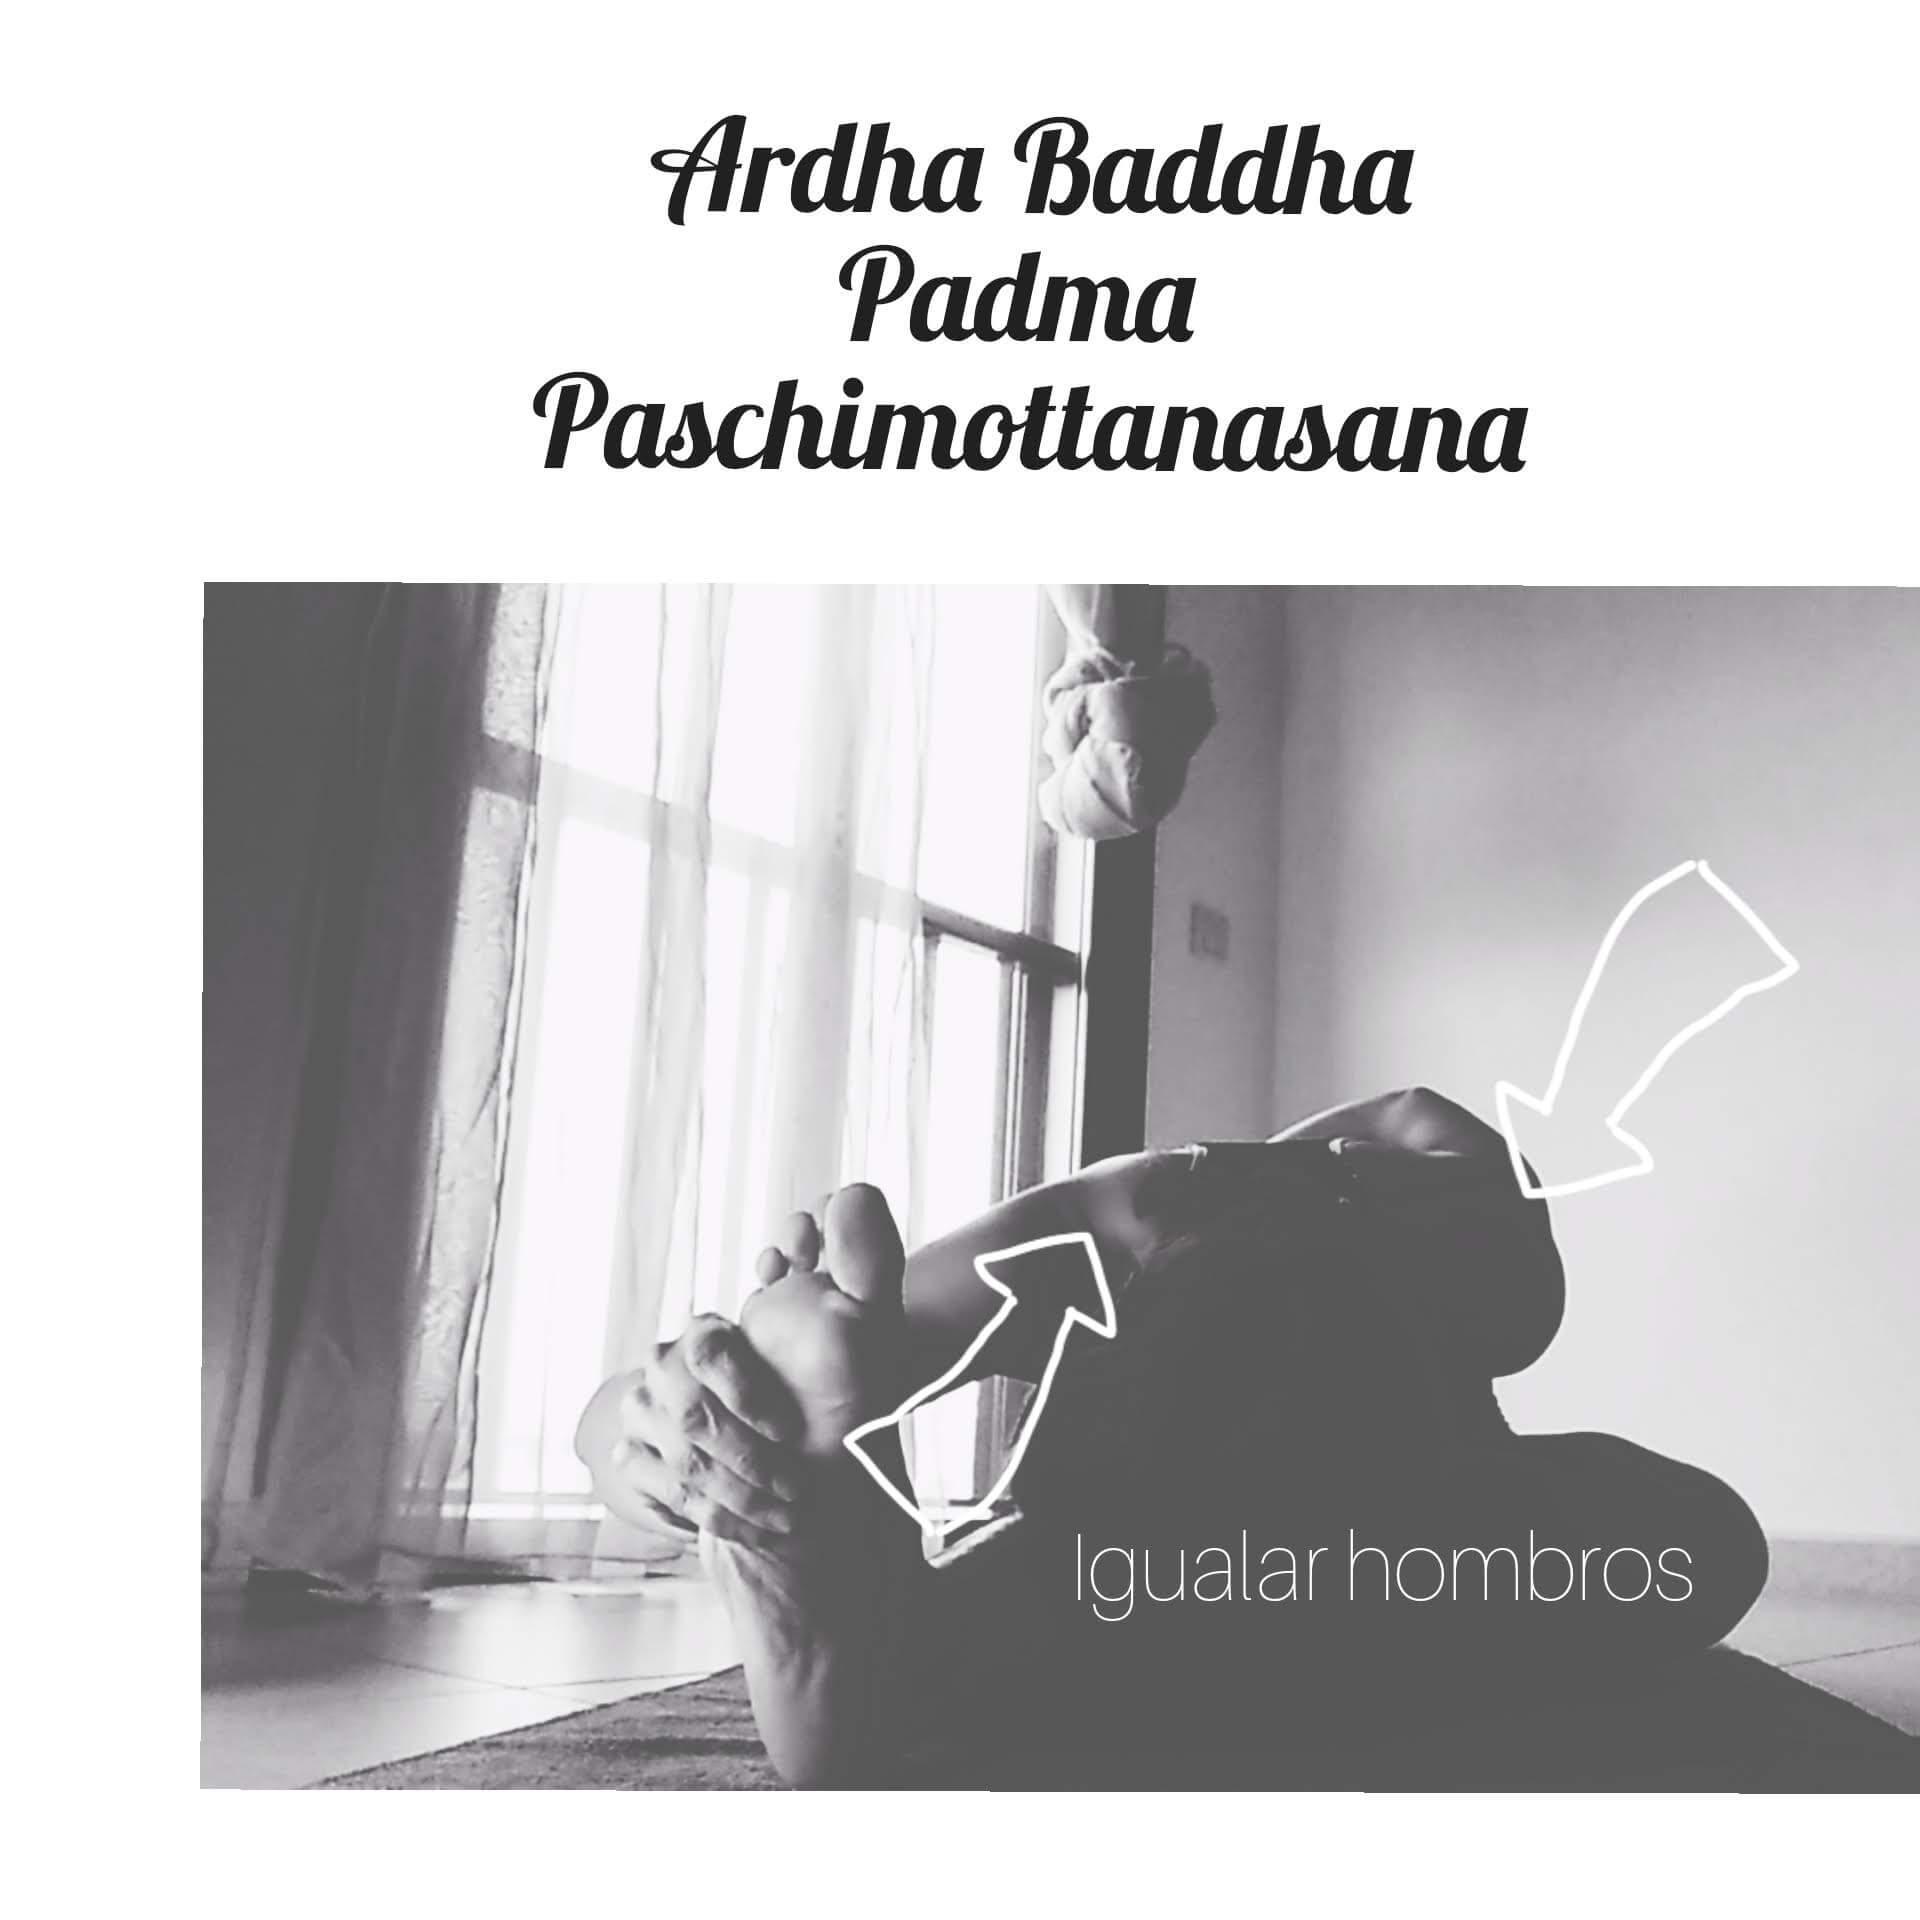 Ardha Baddha Padma Paschimottanasa